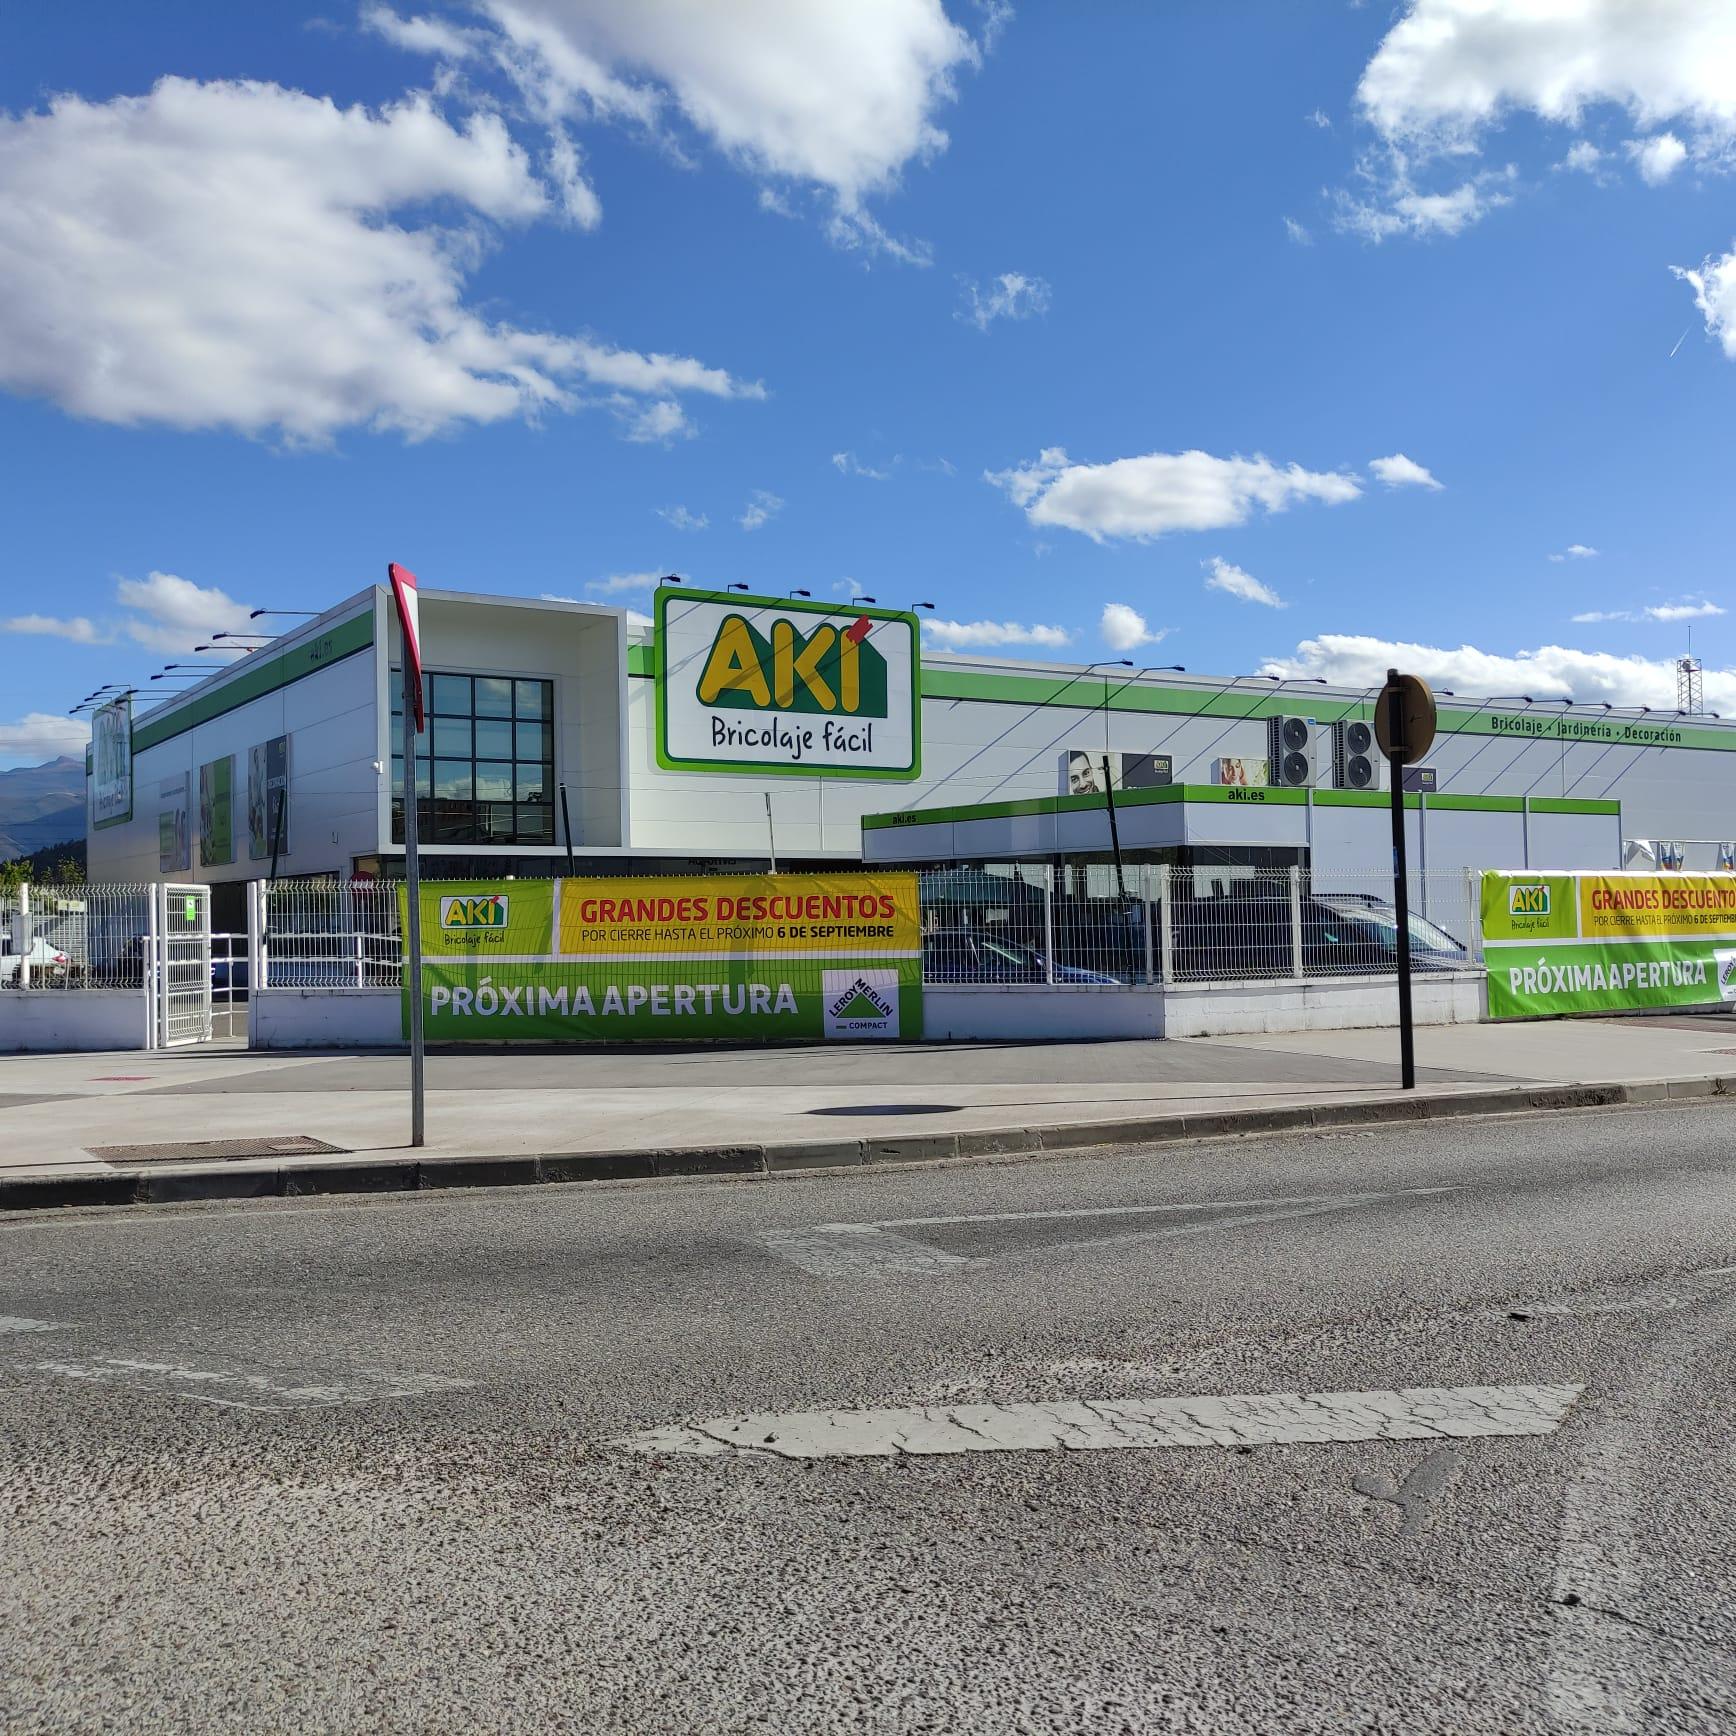 El centro de bricolage AKI cierra hoy sus puertas para abrir en otoño integrado en Leroy Merlin 1